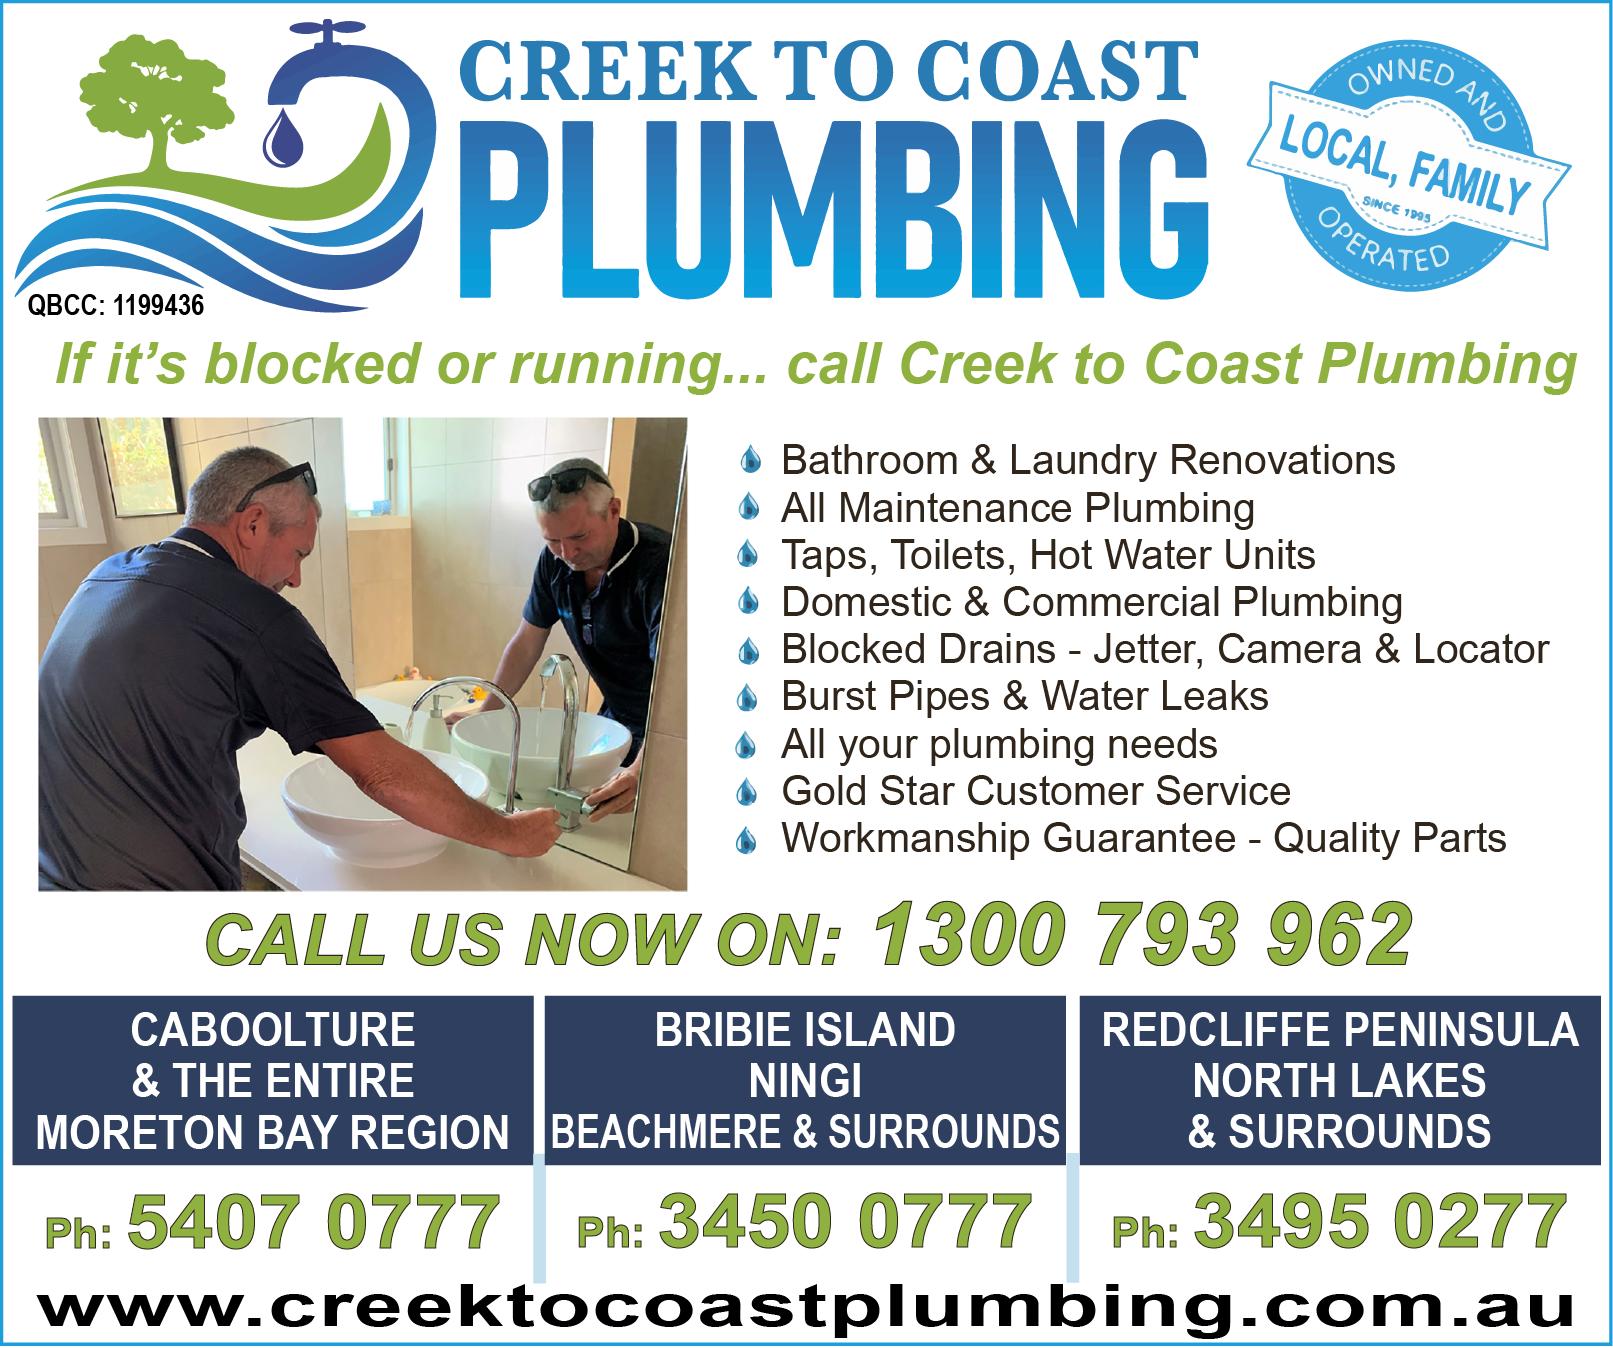 Creek To Coast Plumbing - advertisement